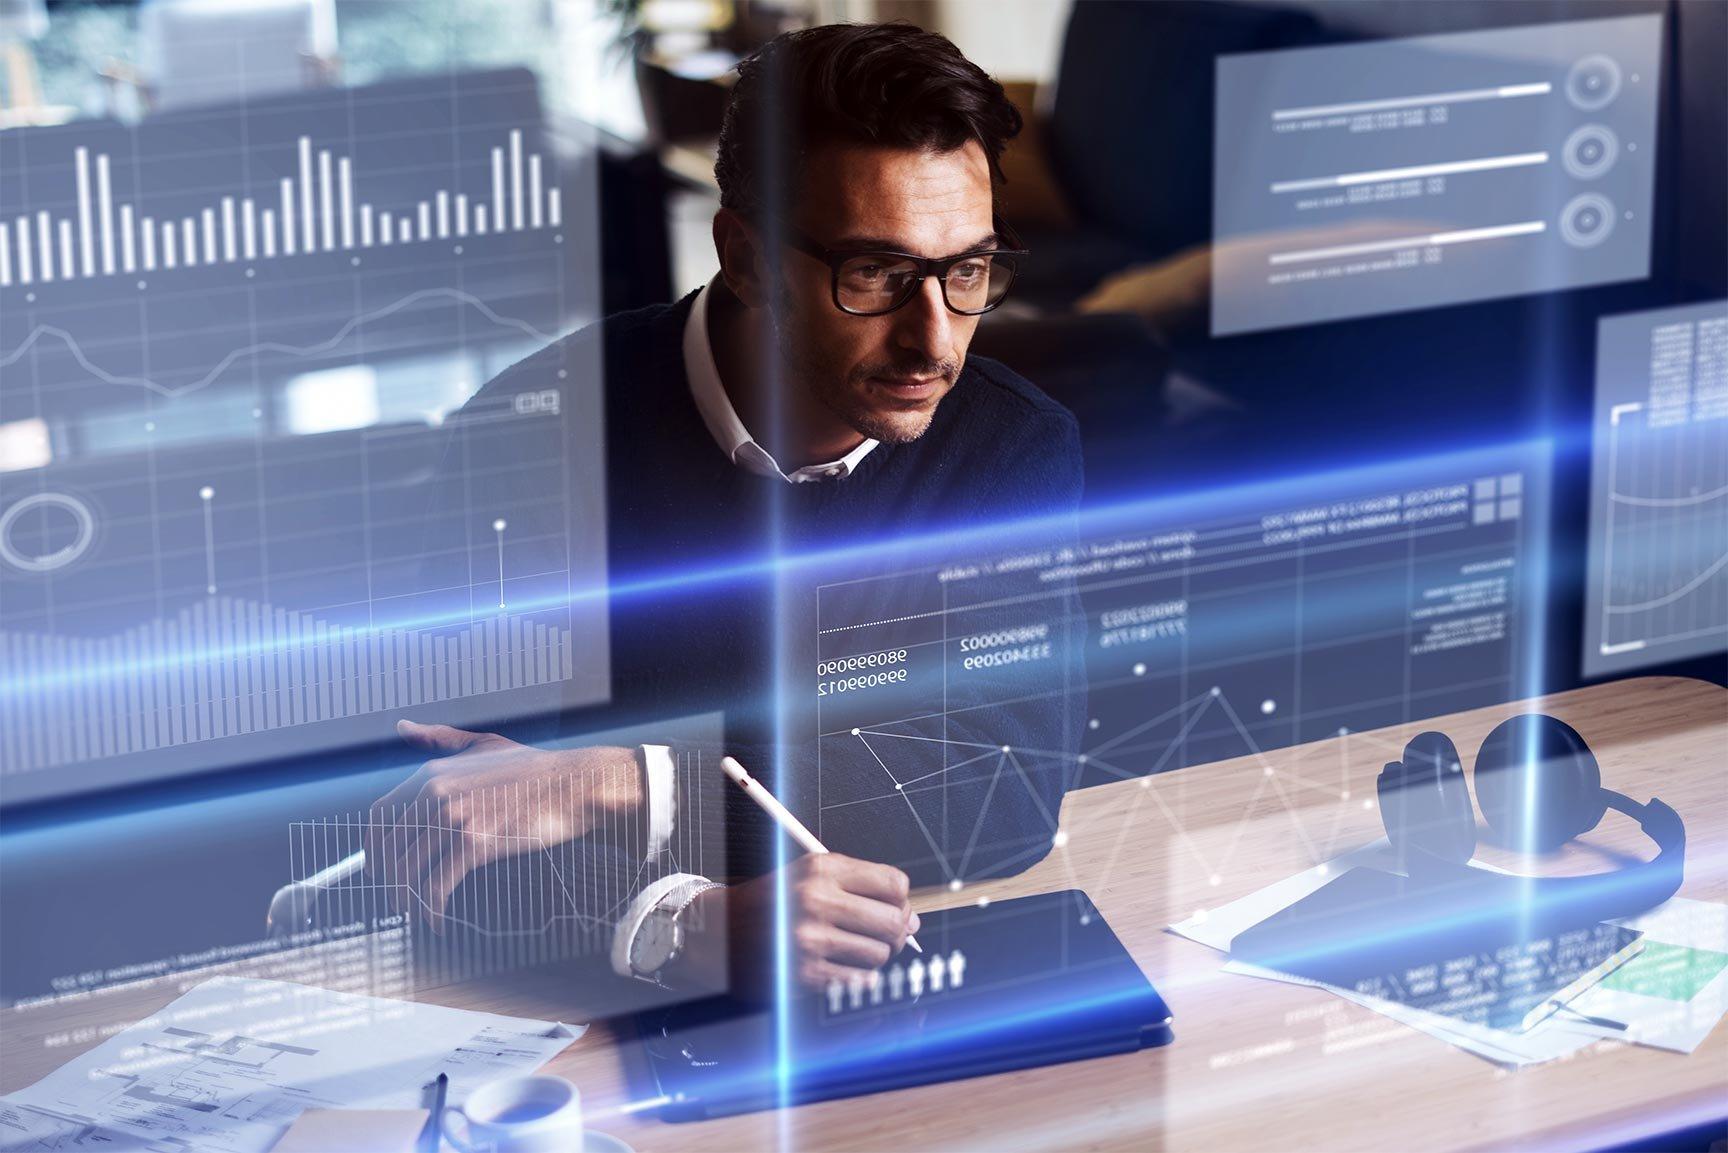 Guía básica sobre analítica de datos en tiempo real